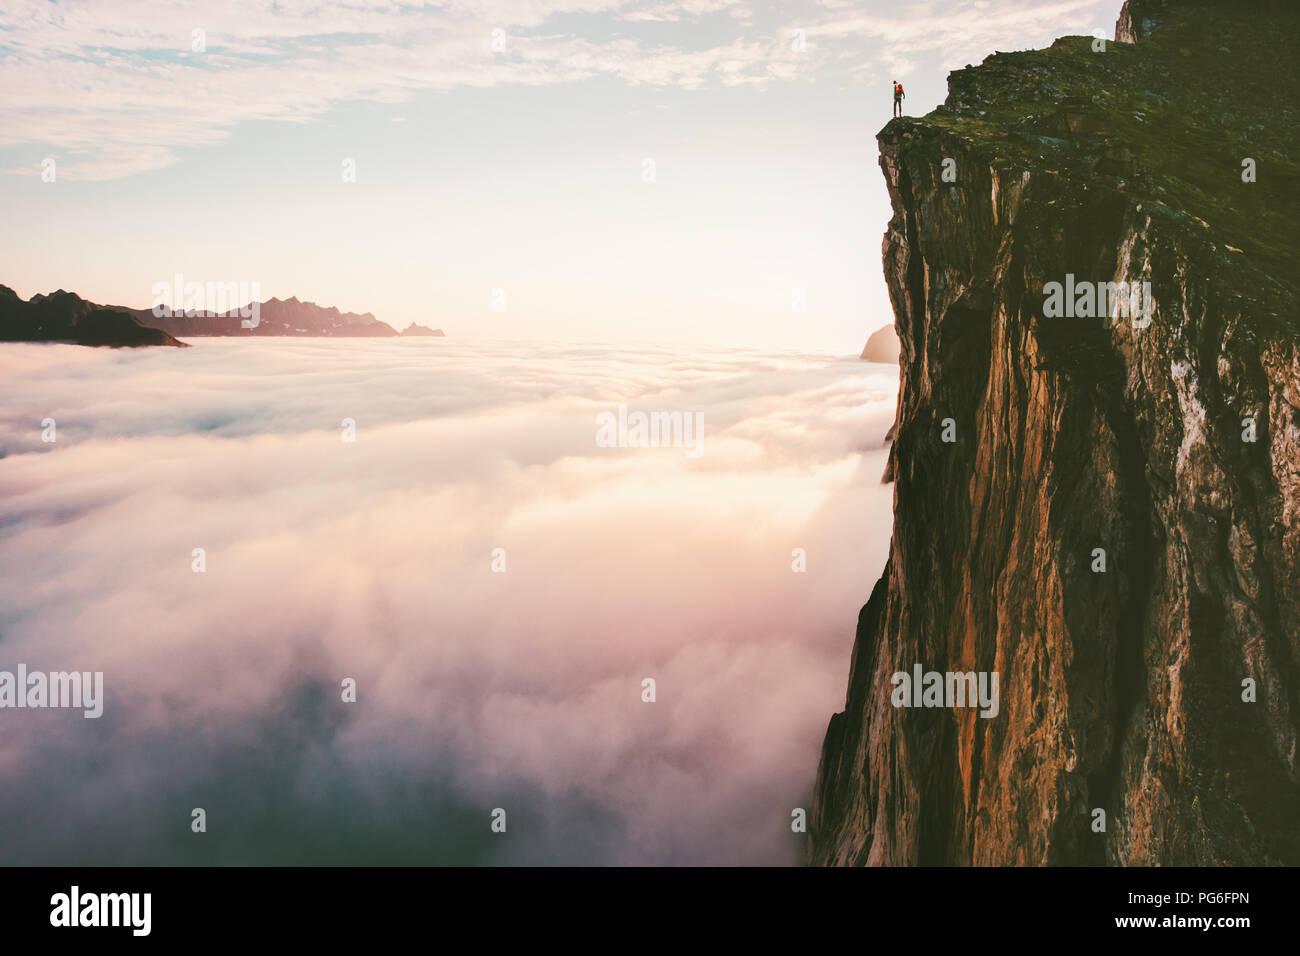 Parado en el borde del acantilado viajero de alta montaña por encima de las nubes del atardecer de viaje de aventura viaje vacaciones de verano en el estilo de vida Imagen De Stock